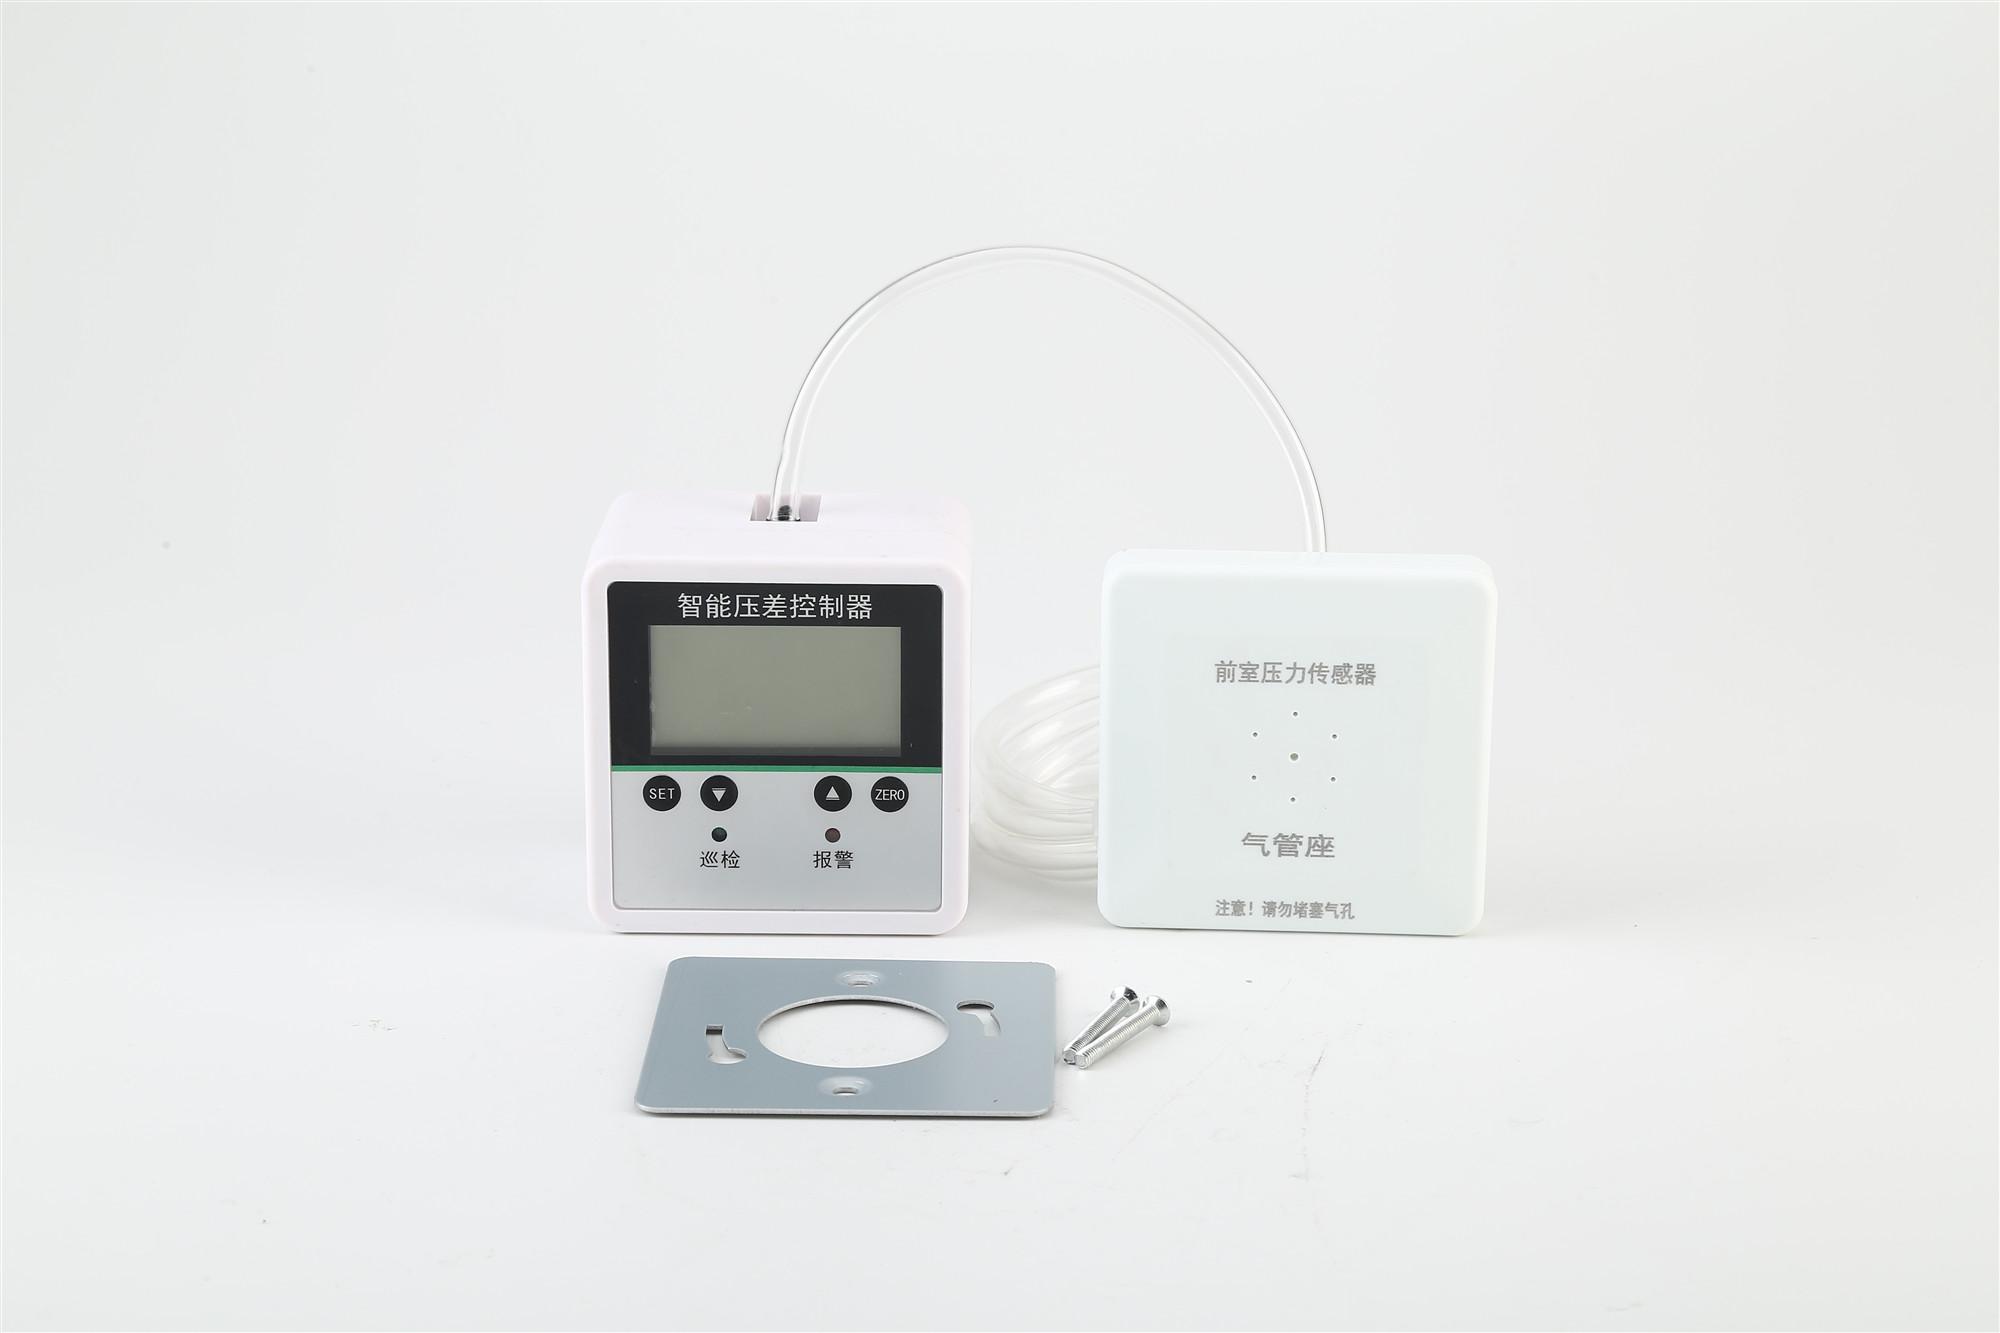 H08-01余压传感器